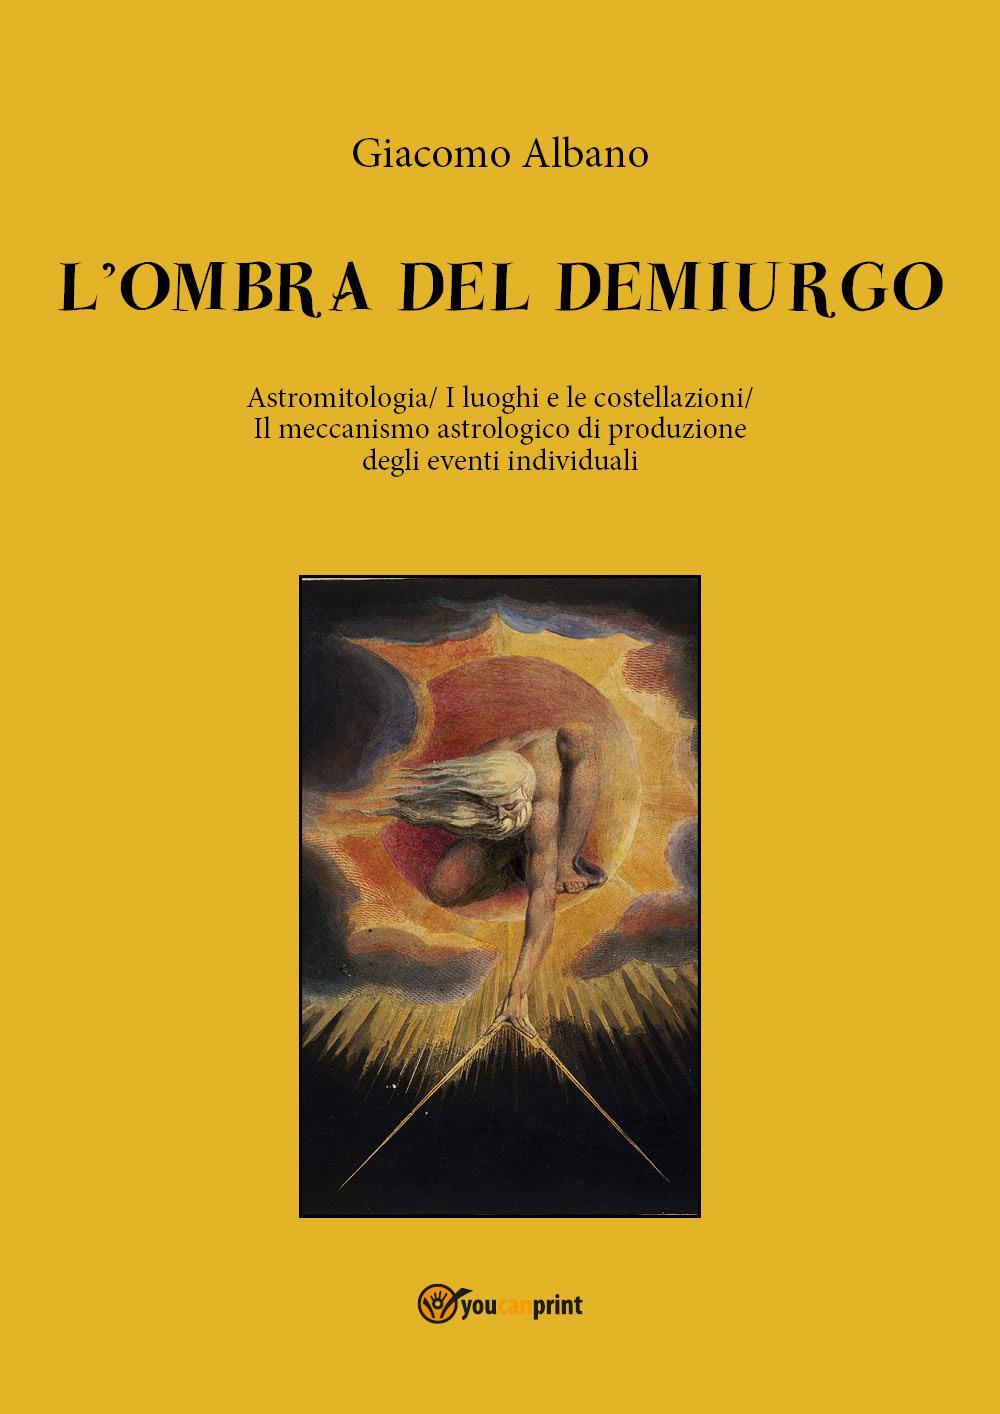 L'ombra del Demiurgo. Astromitologia, I luoghi e le costellazioni, il meccanismo astrologico di produzione degli eventi individuali